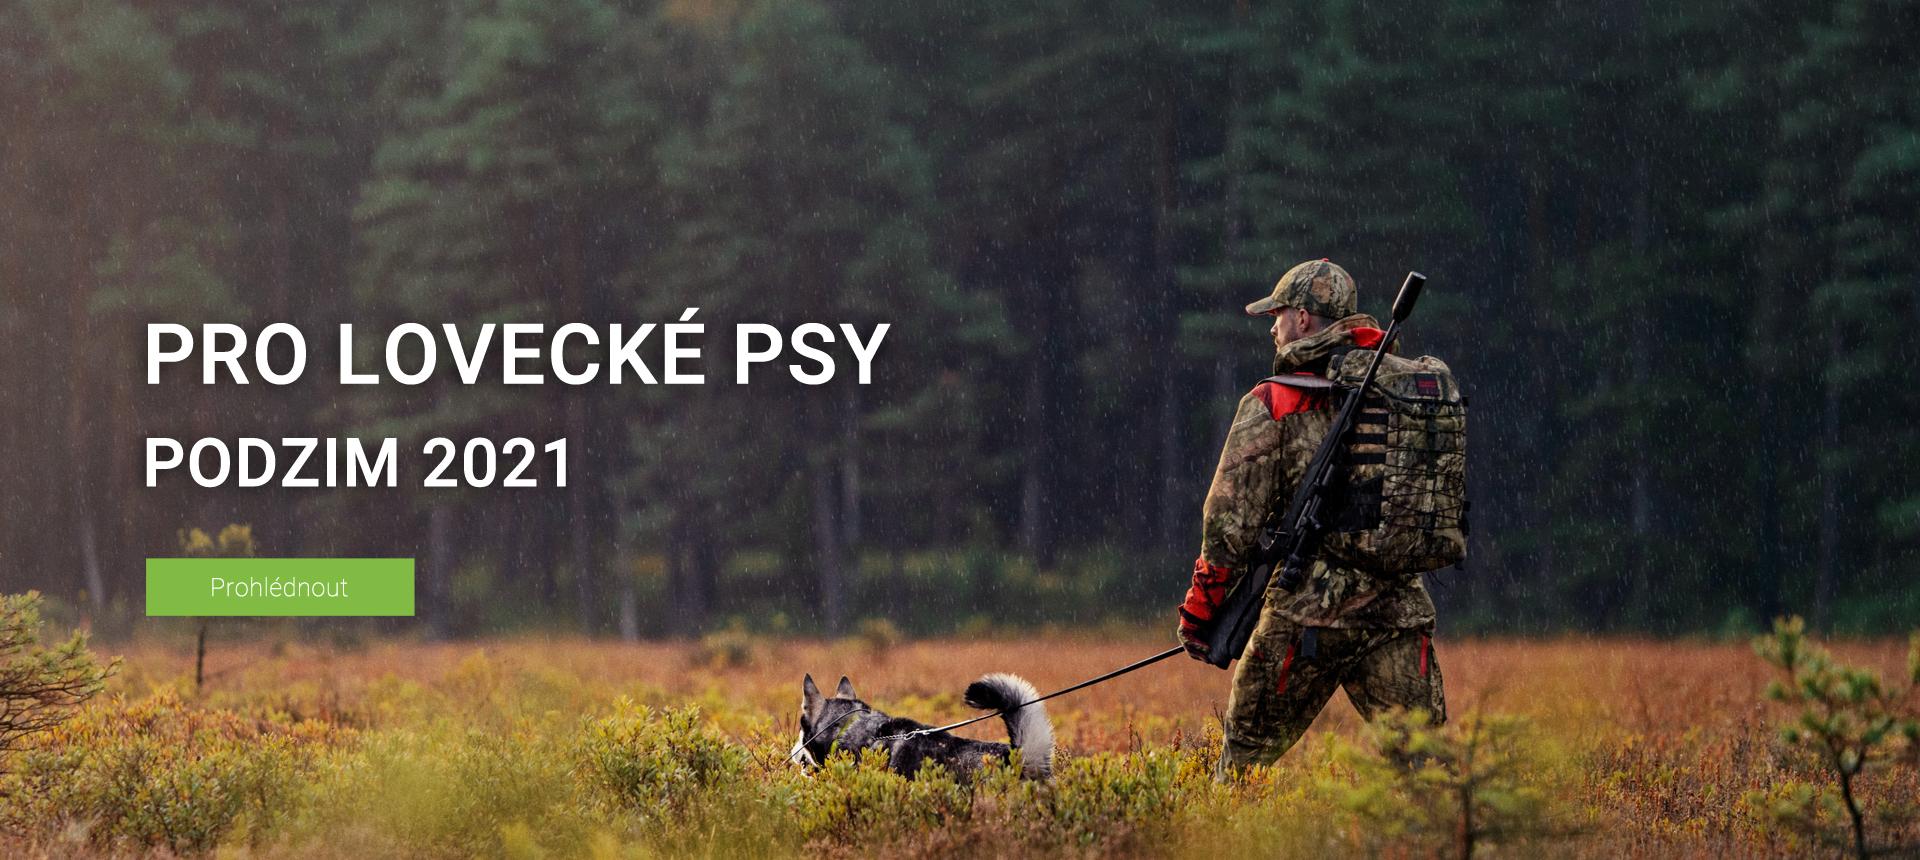 Pro lovecké psy P21